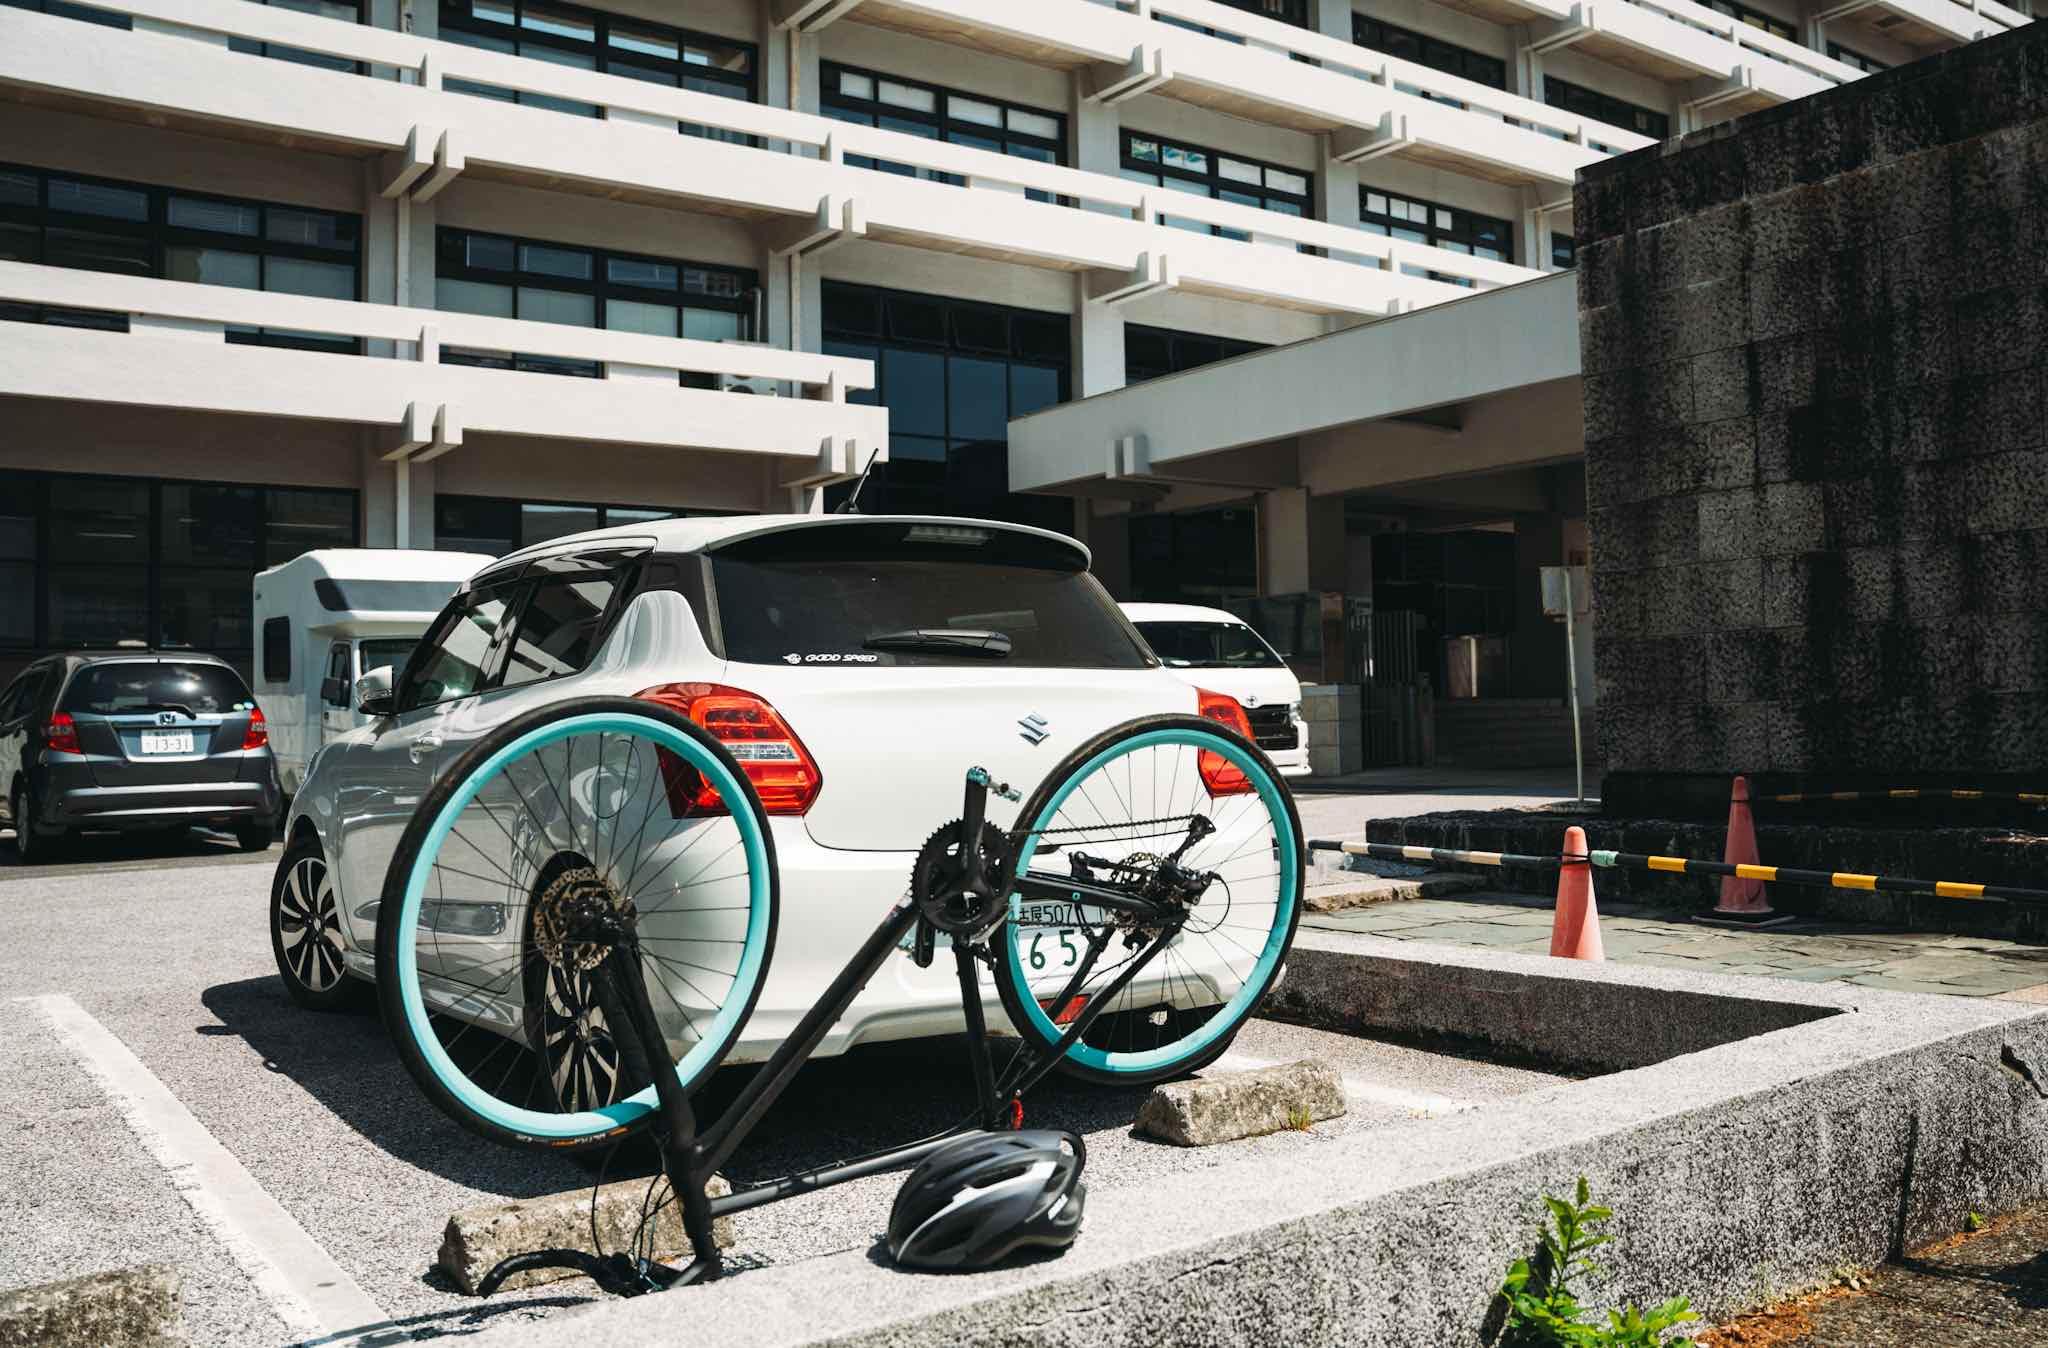 【高知日帰り旅】高知県庁へ車を停めて自転車を組み立て